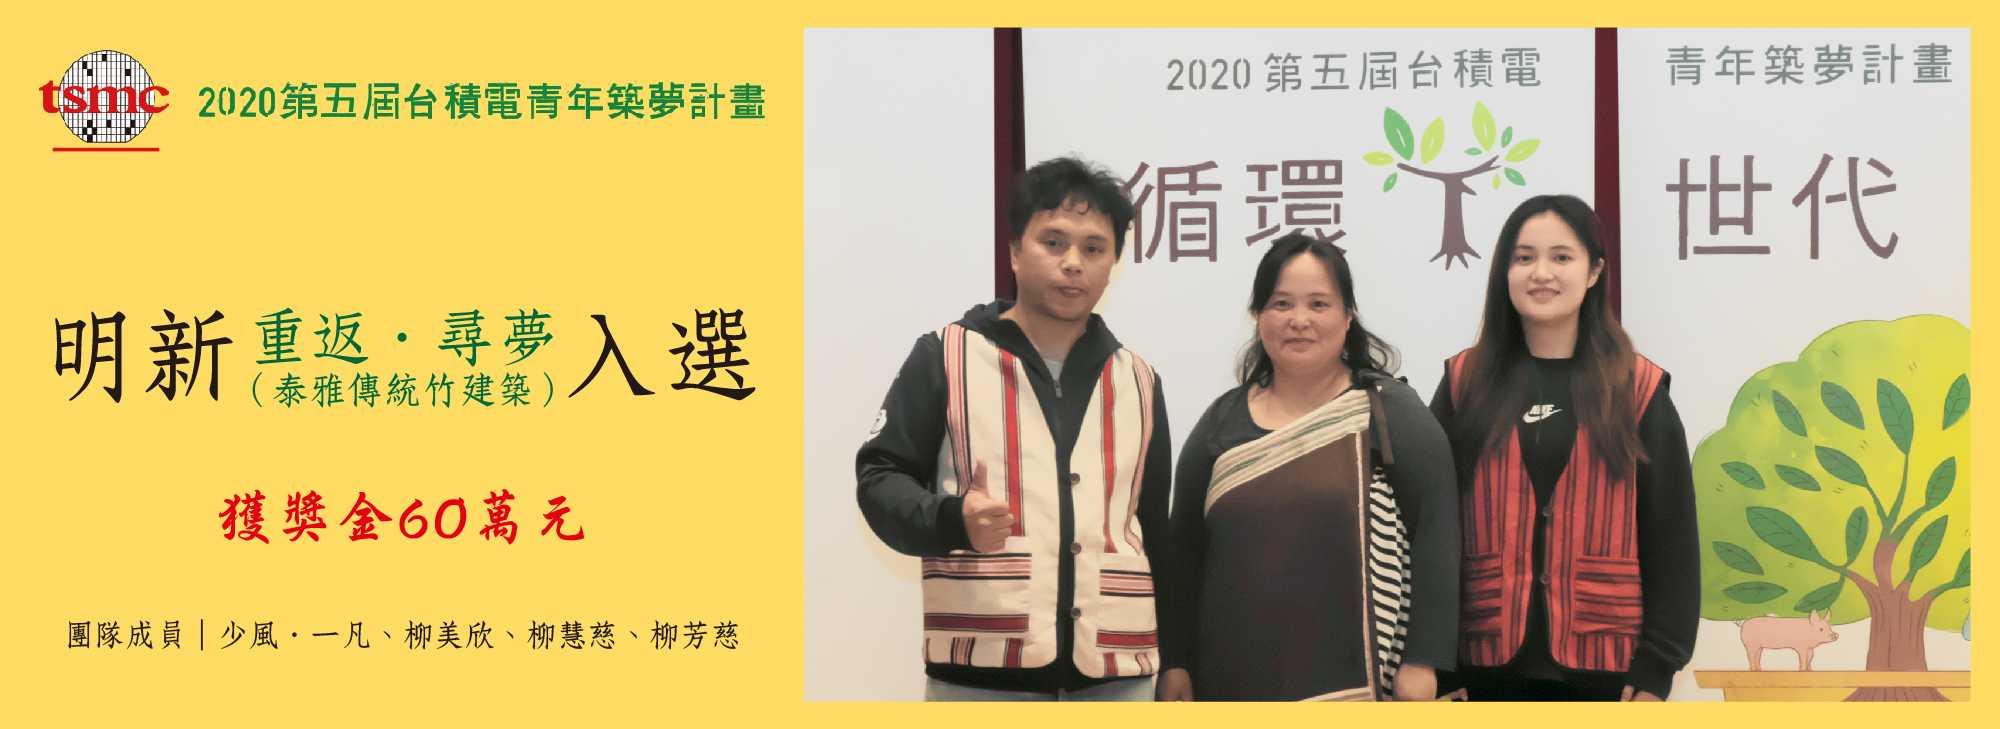 20201224 進修部入選2020第五屆台積電青年築夢計畫